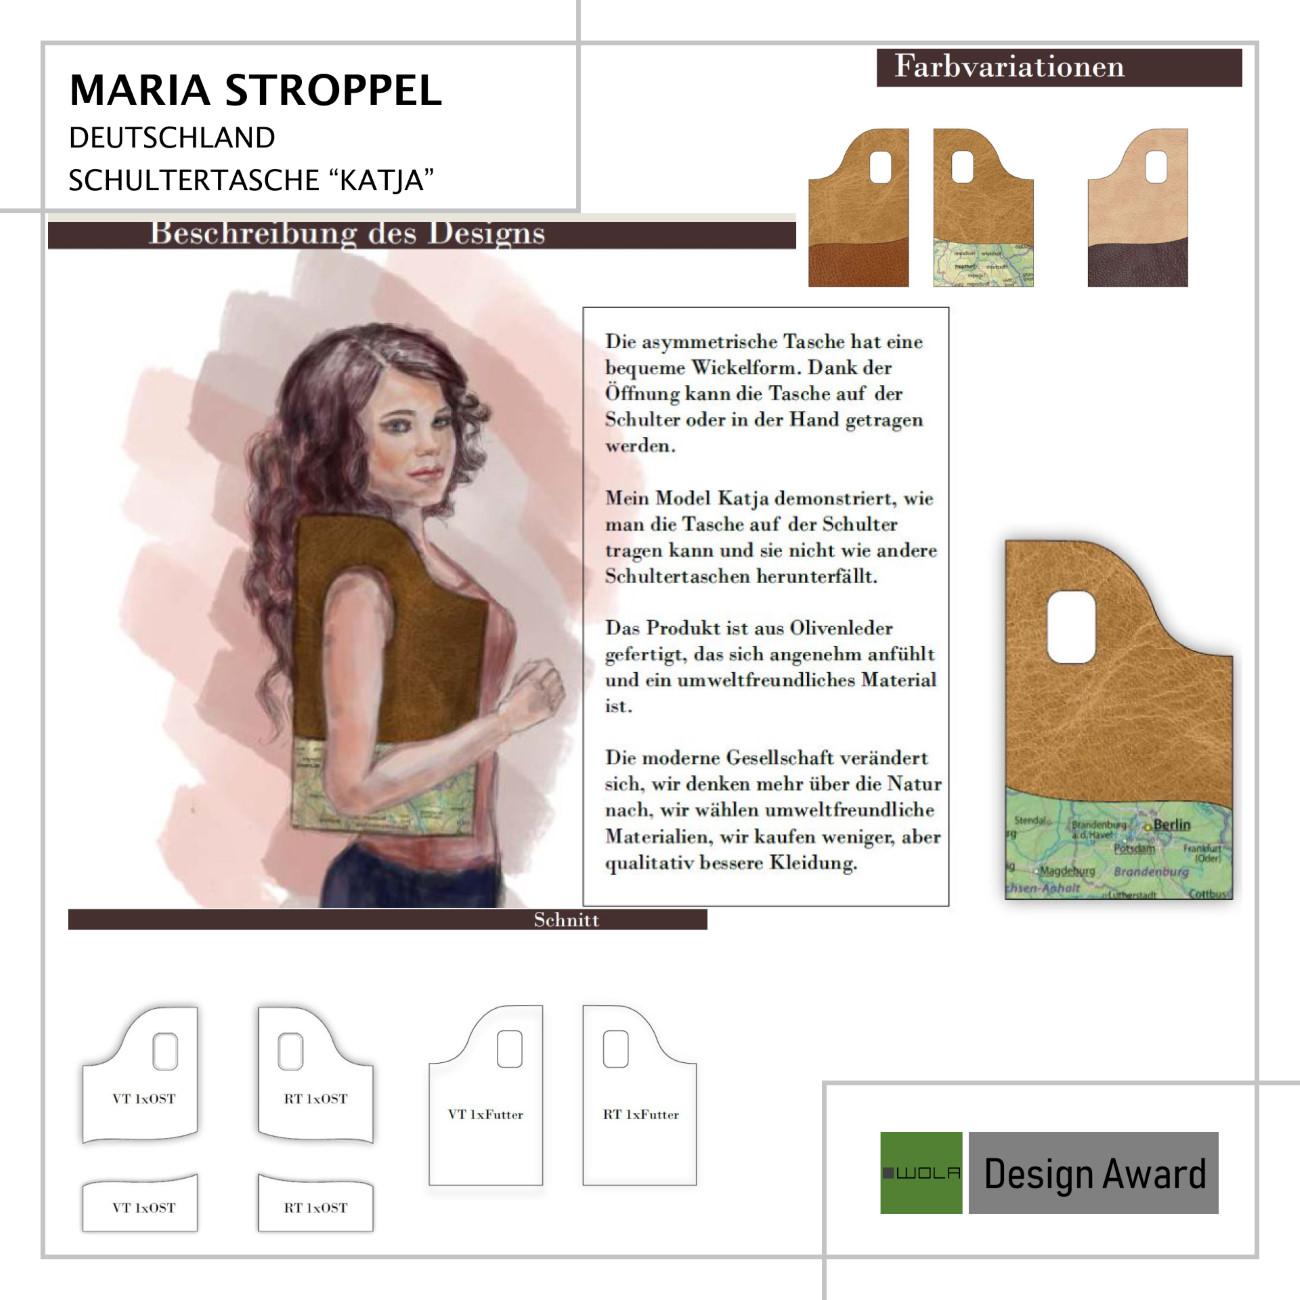 Beitrag Design Award -Maria Stroppel 9